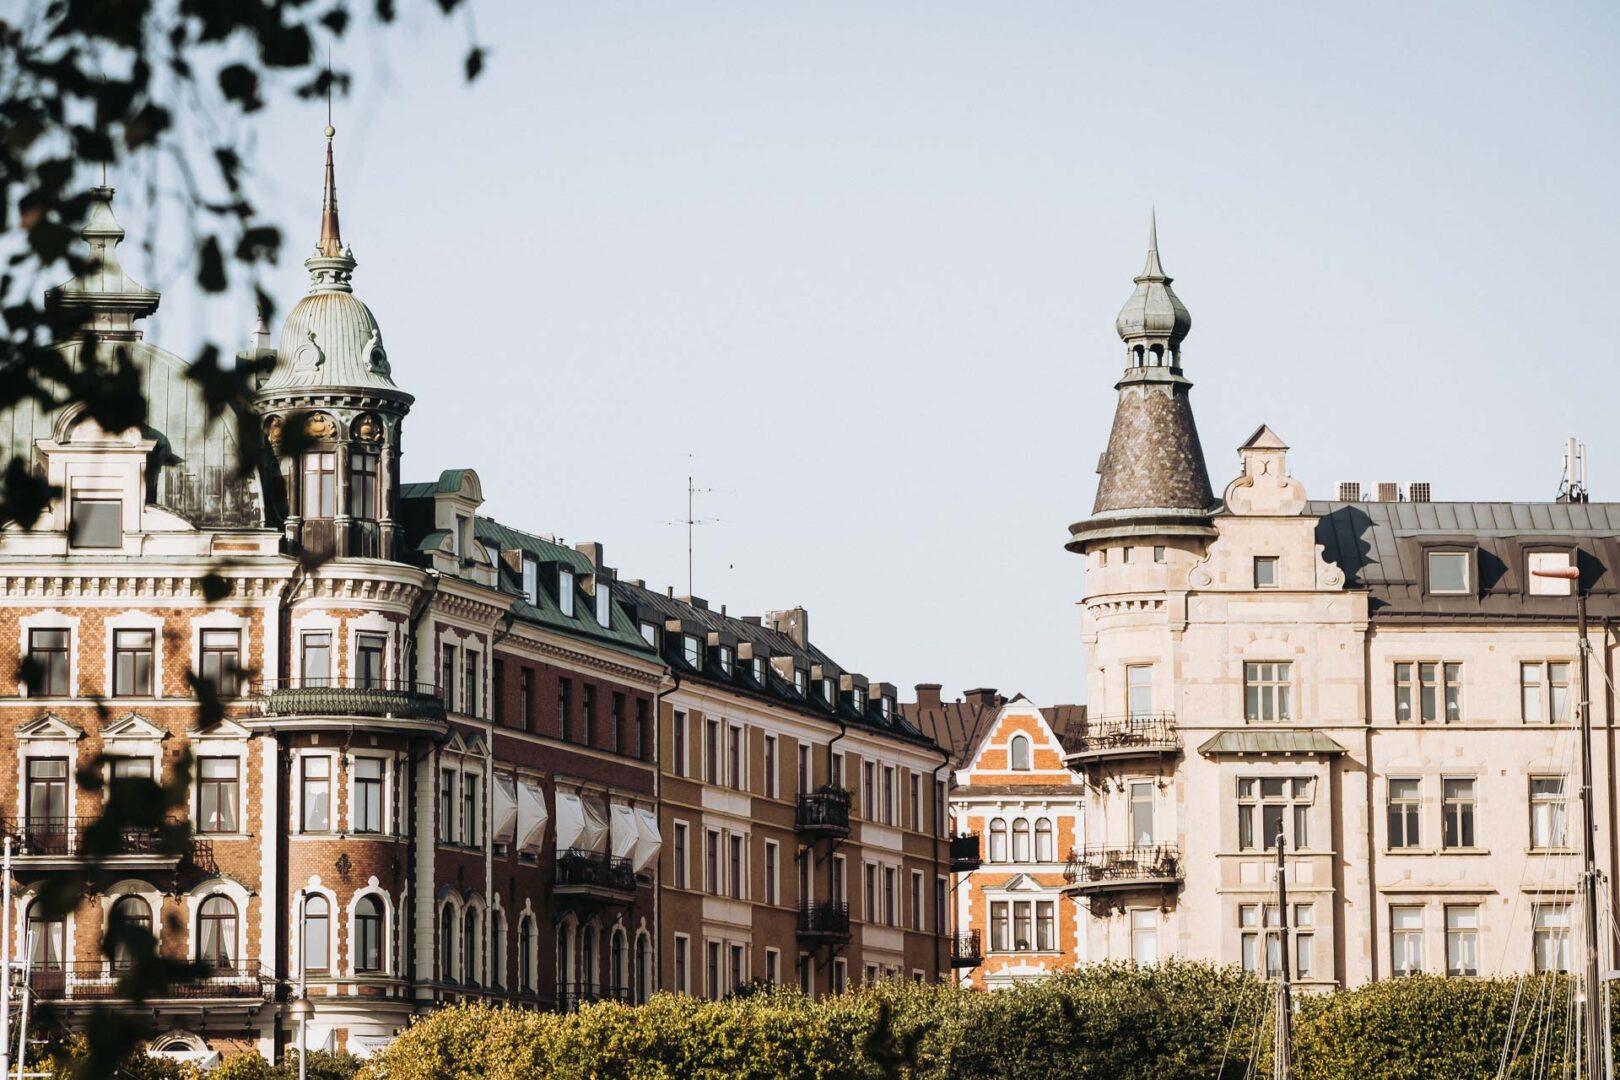 Instagramvänliga platser Stockholm, Djurgården